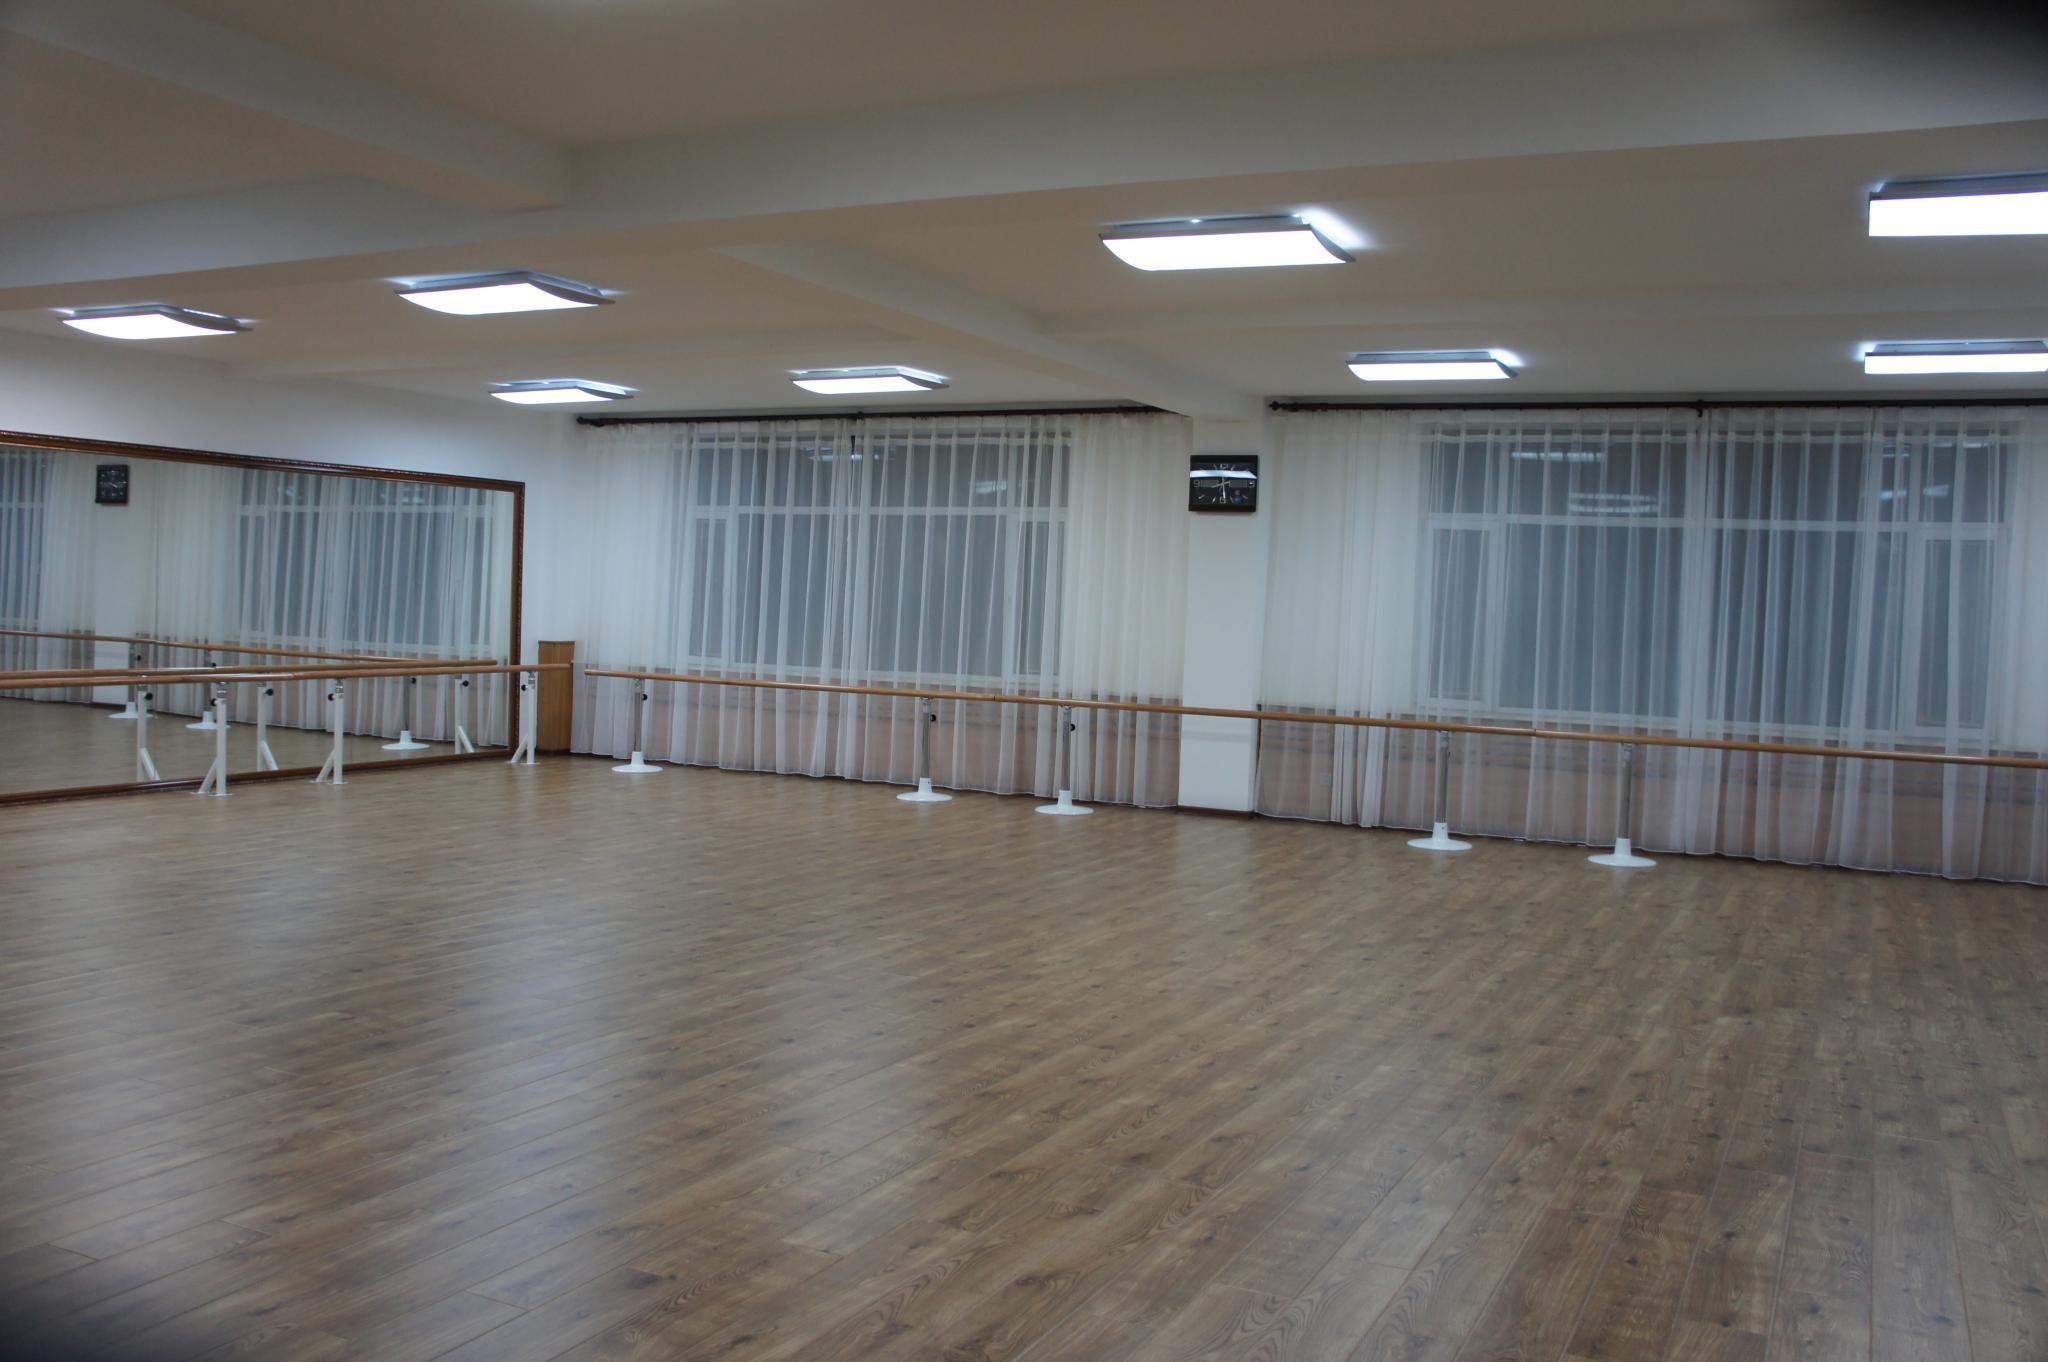 舞蹈教室 - 雅尔姿音乐舞蹈学校